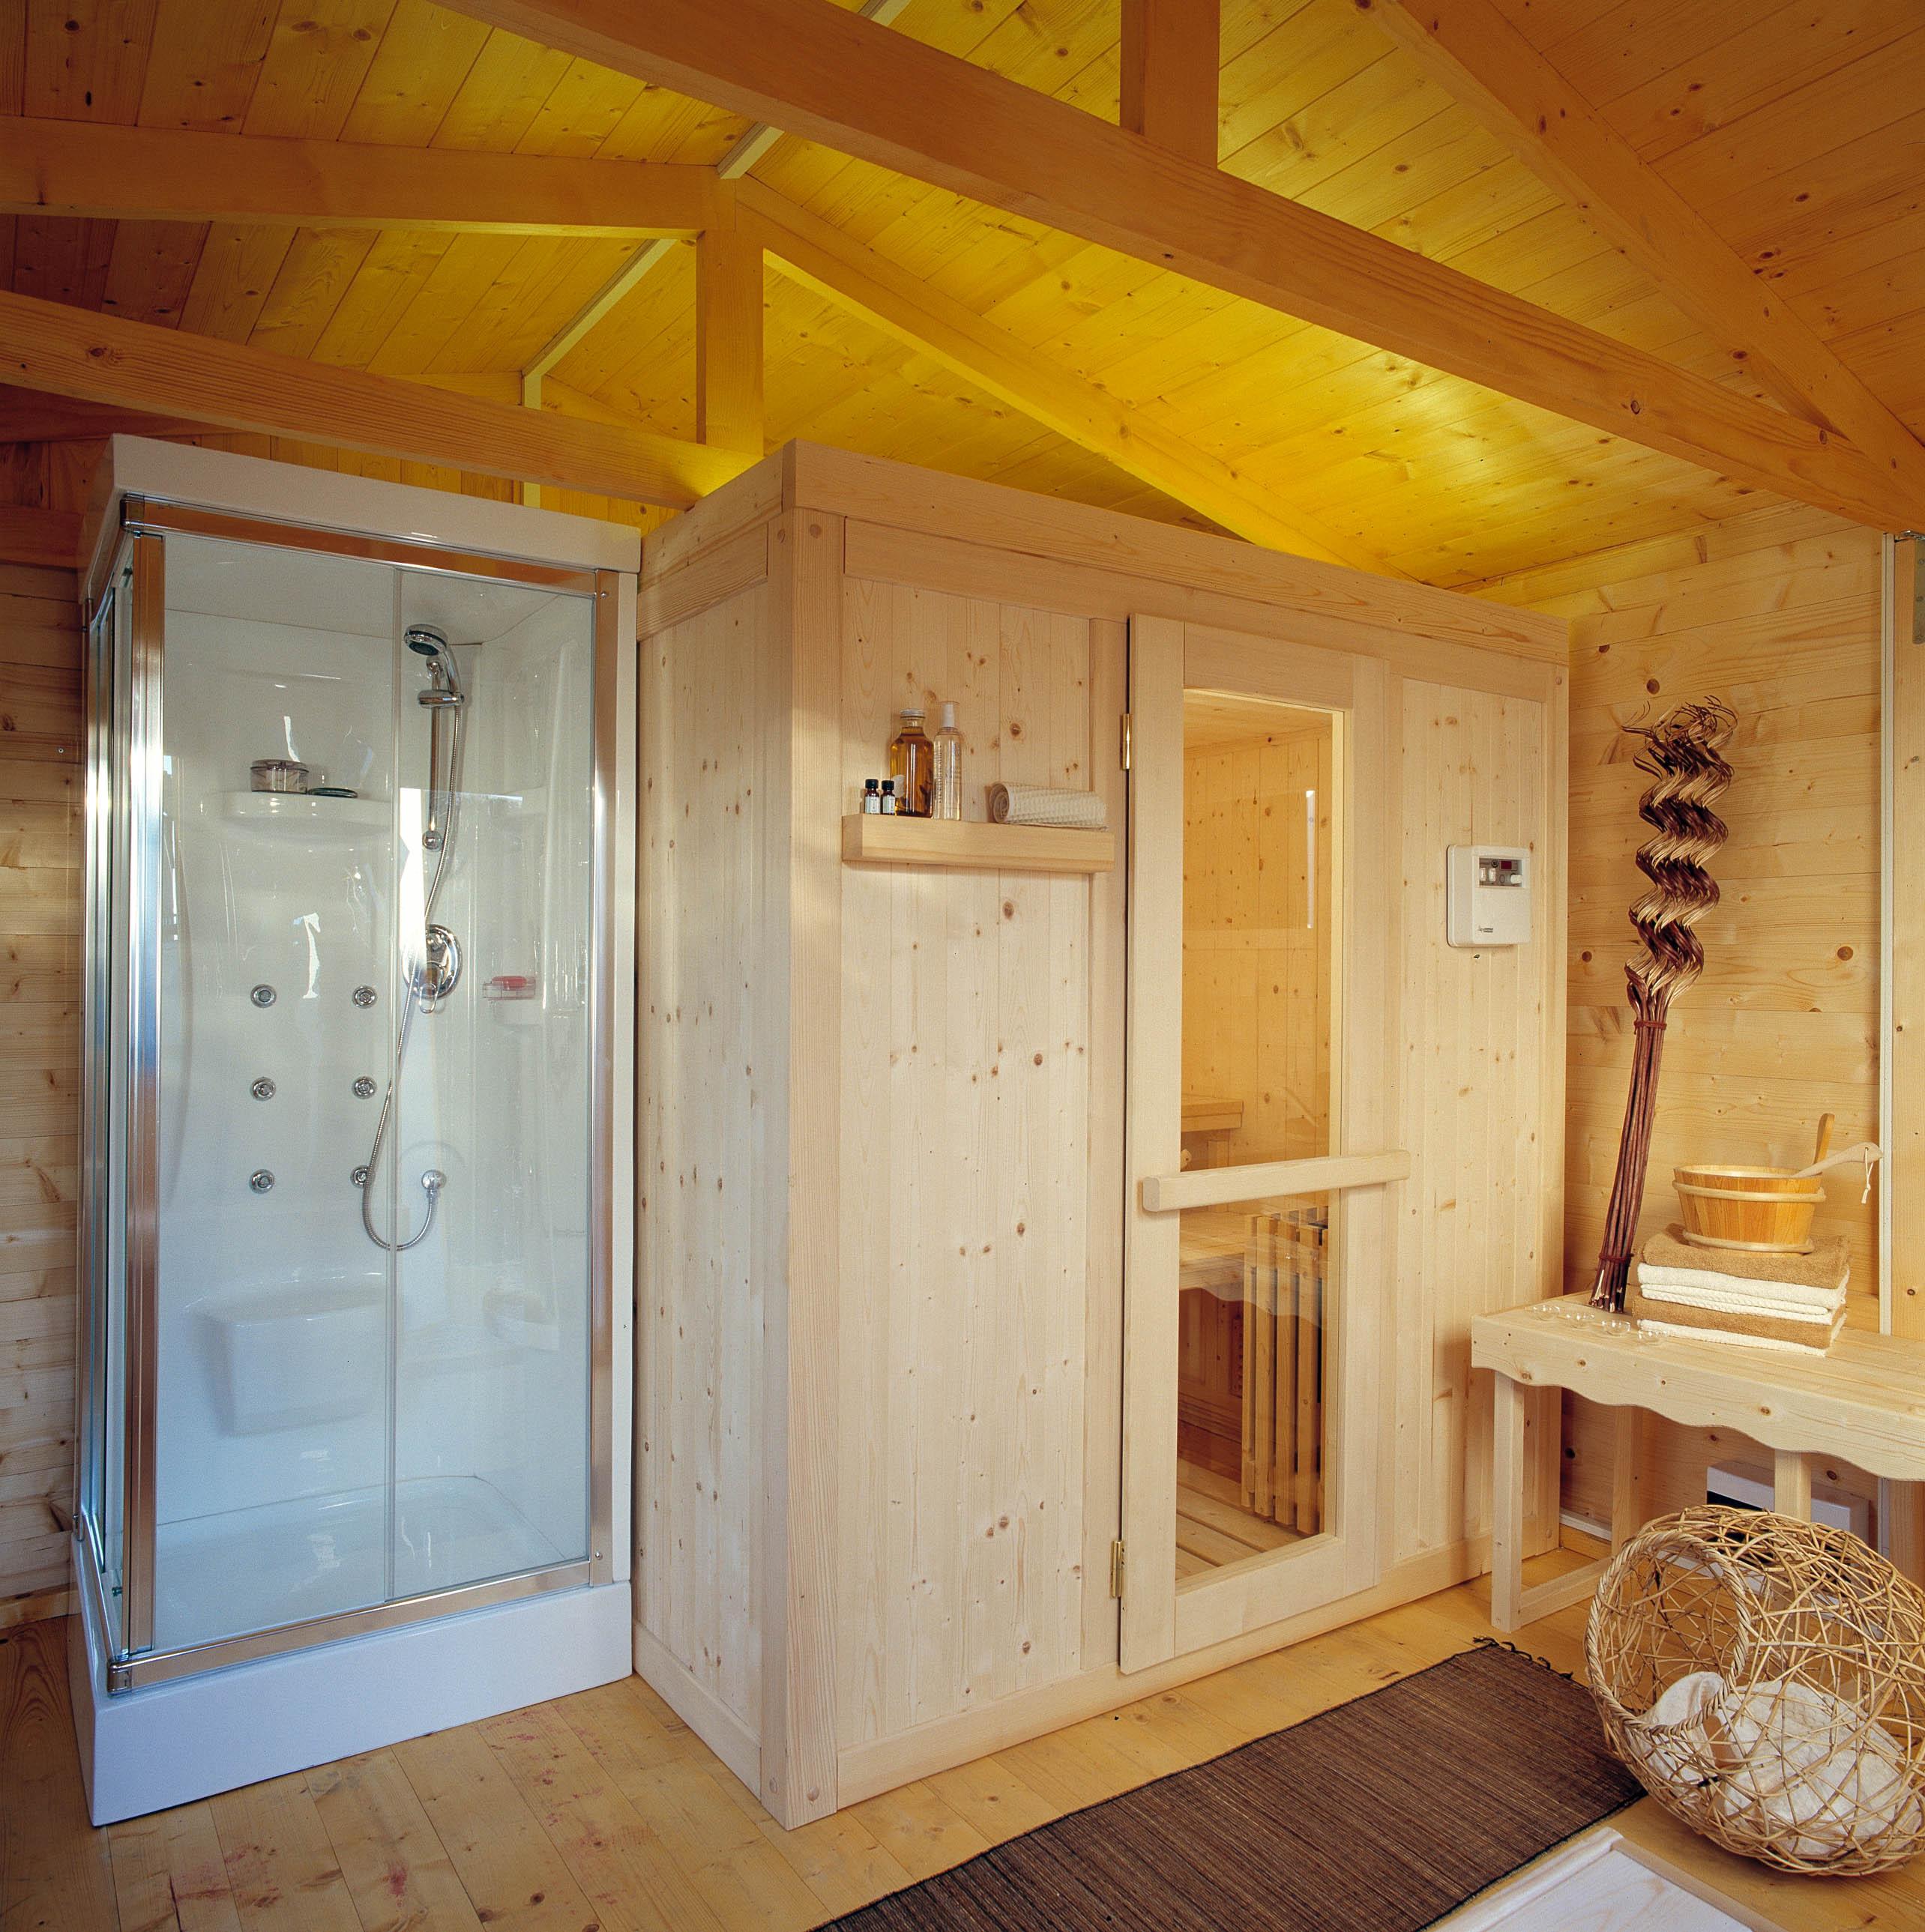 Modelli sauna finlandese e sauna con bagno turco hammam in - Box doccia con sauna e bagno turco ...